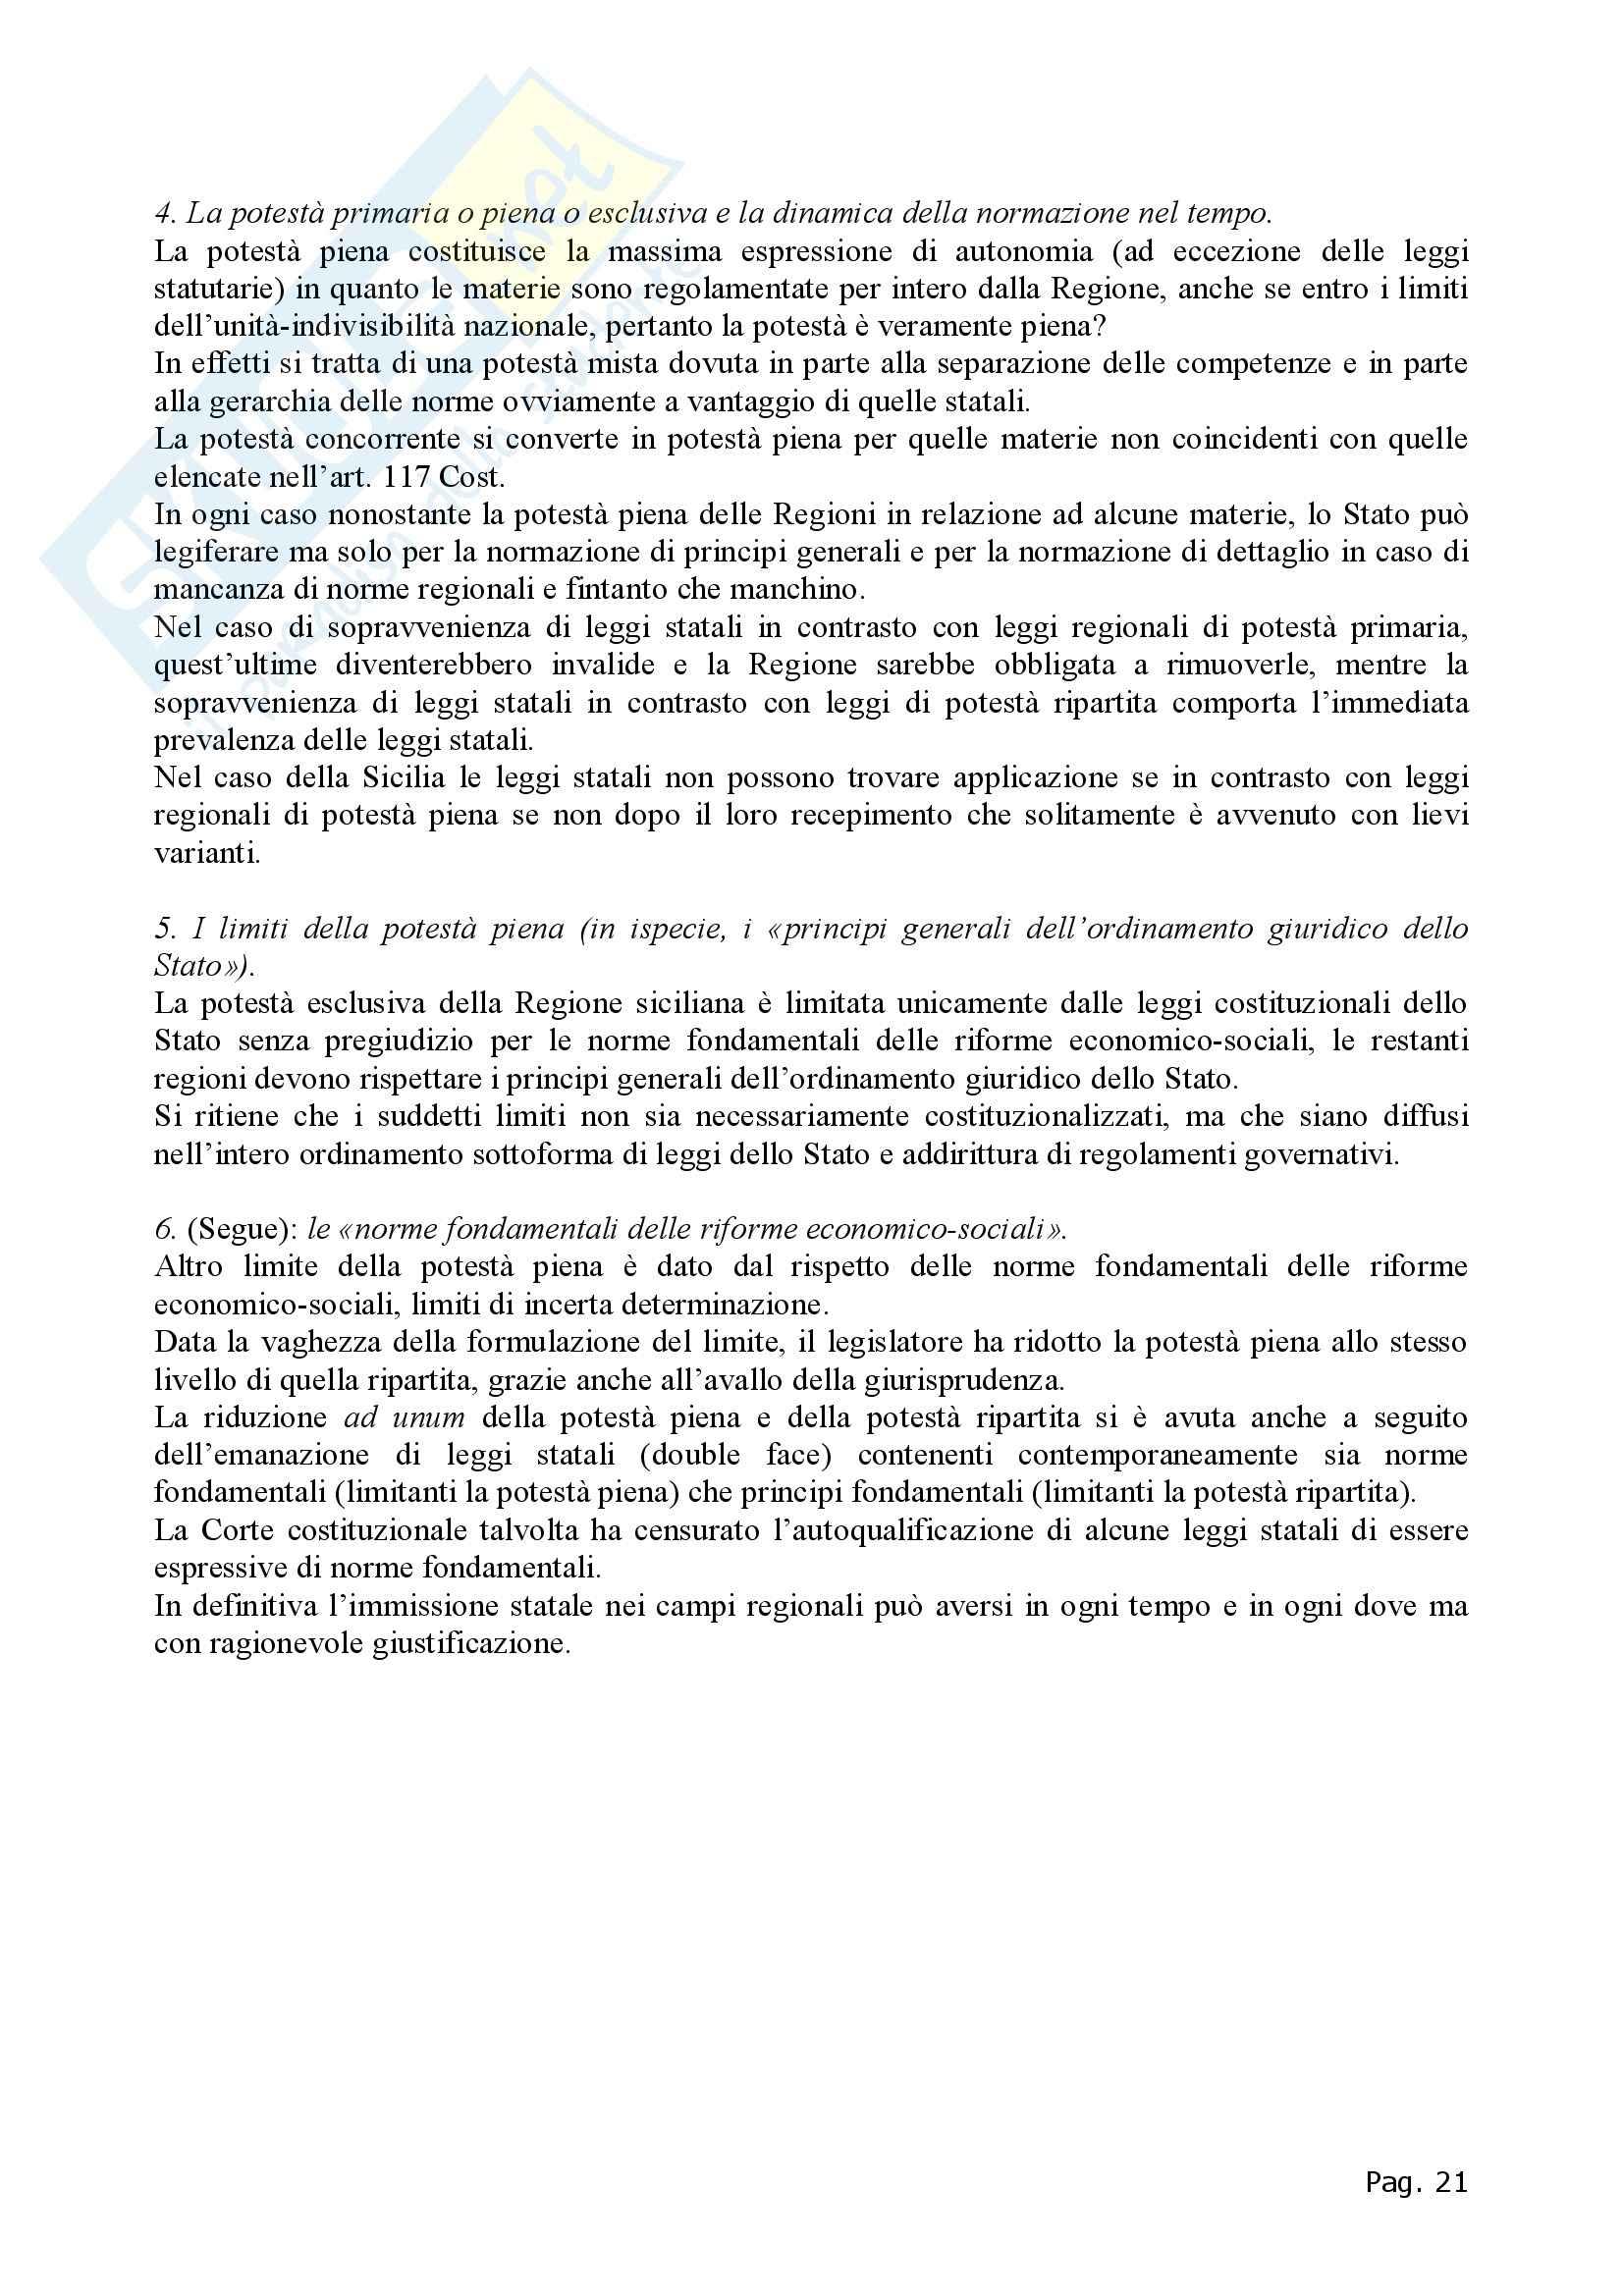 Diritto regionale - Appunti Pag. 21